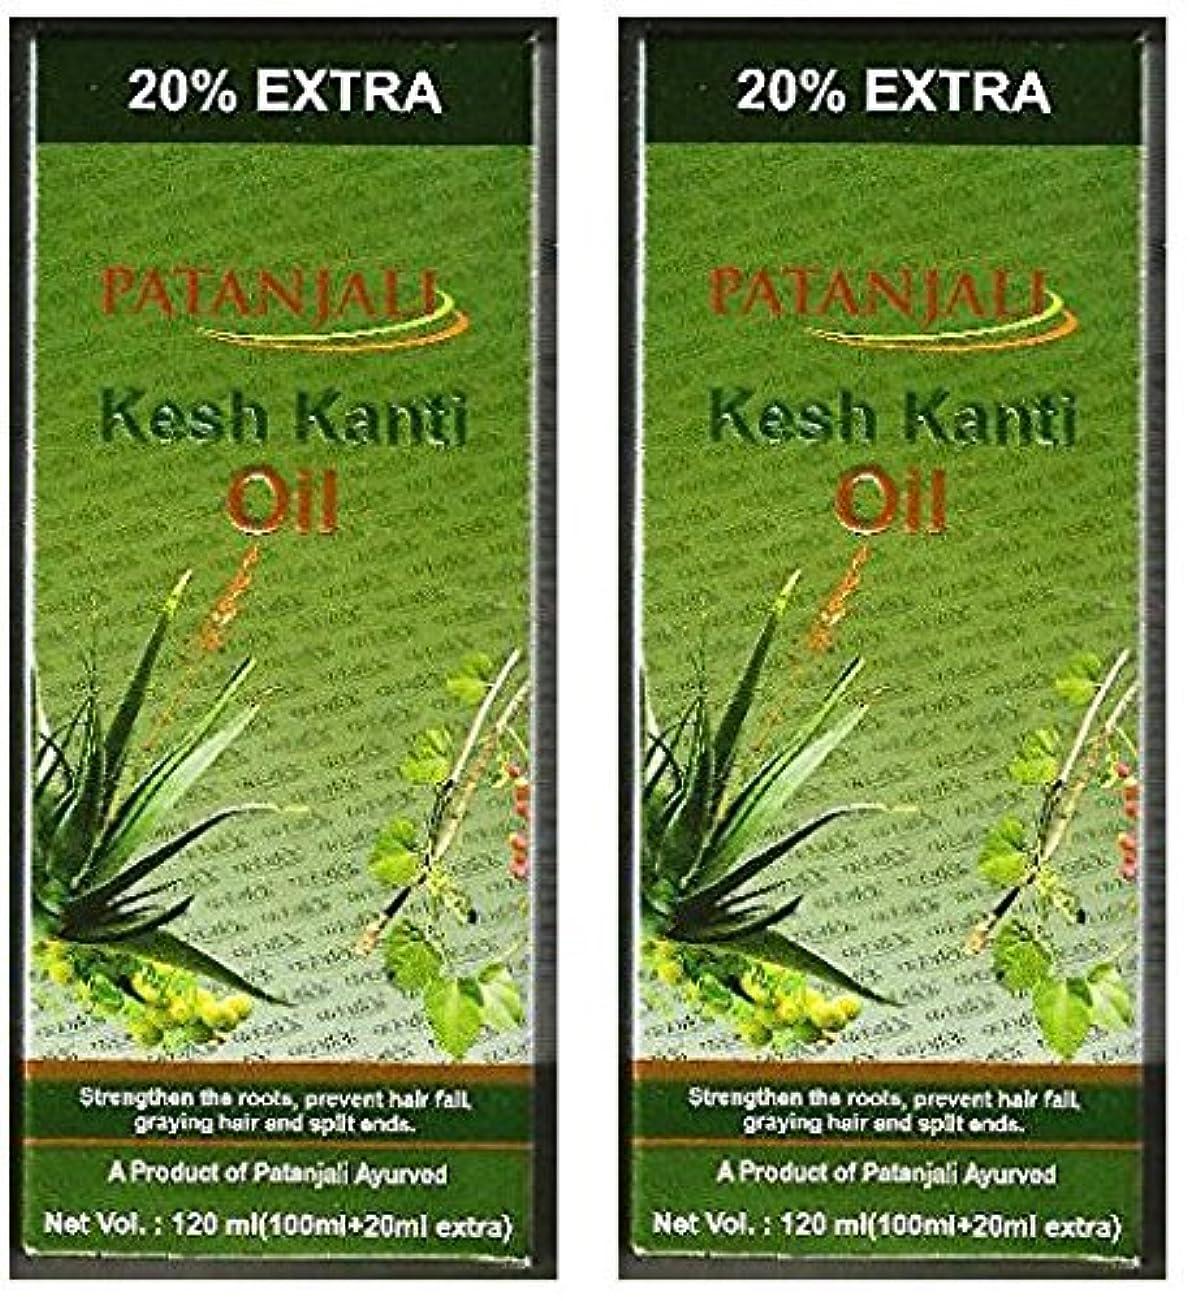 裁判所キャプション提出する2 x Patanjali Kesh Kanti Hair Oil 100ml (Pack of 2) [並行輸入品]